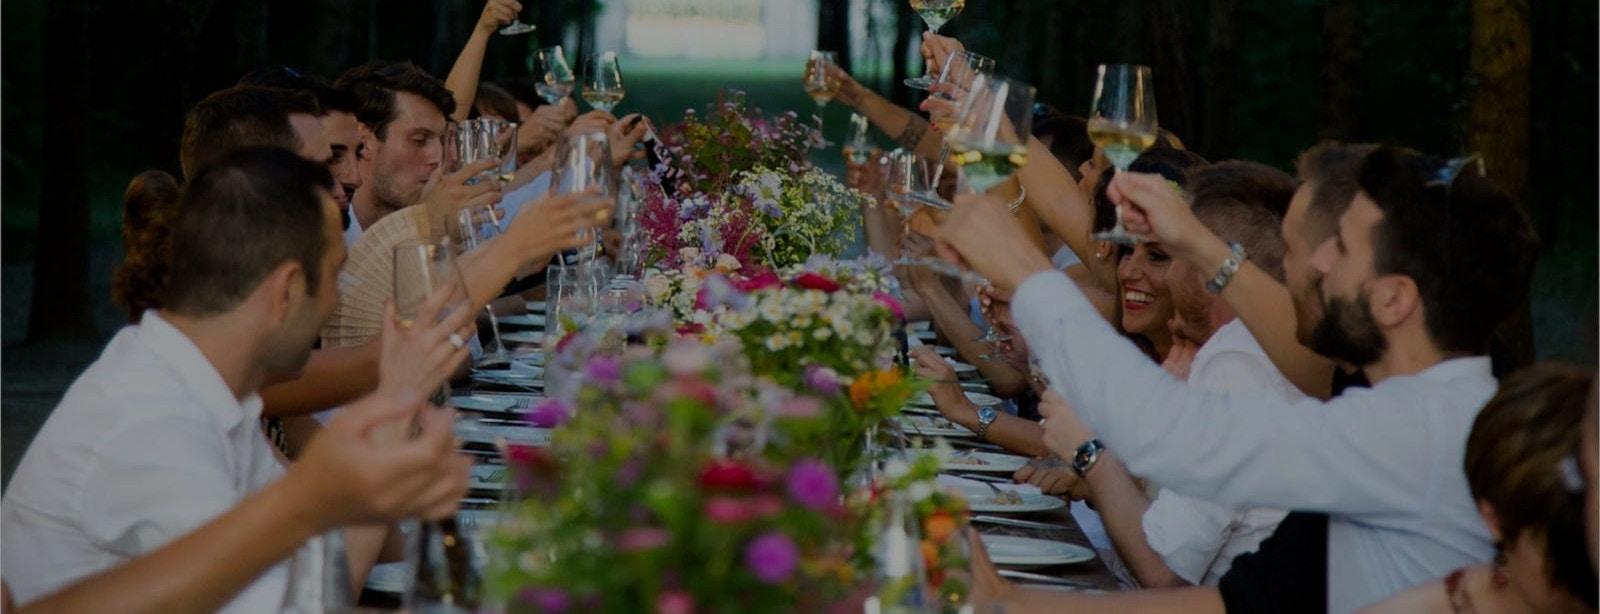 Freunde sitzen an einer langen Tafel und prosten sich mit Wein zu